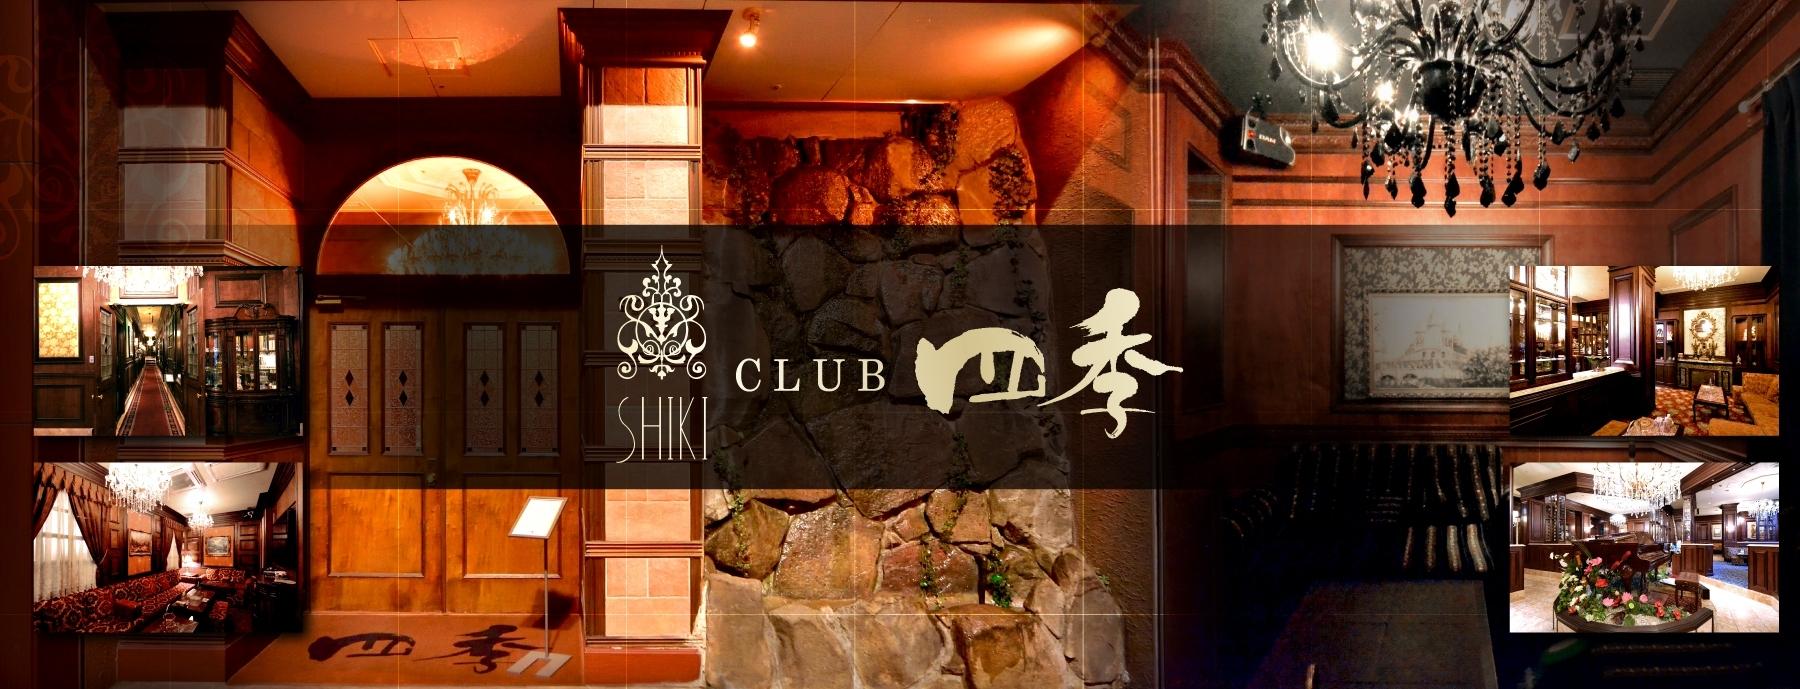 広島・流川・薬研堀 キャバクラ CLUB 四季の店舗画像1